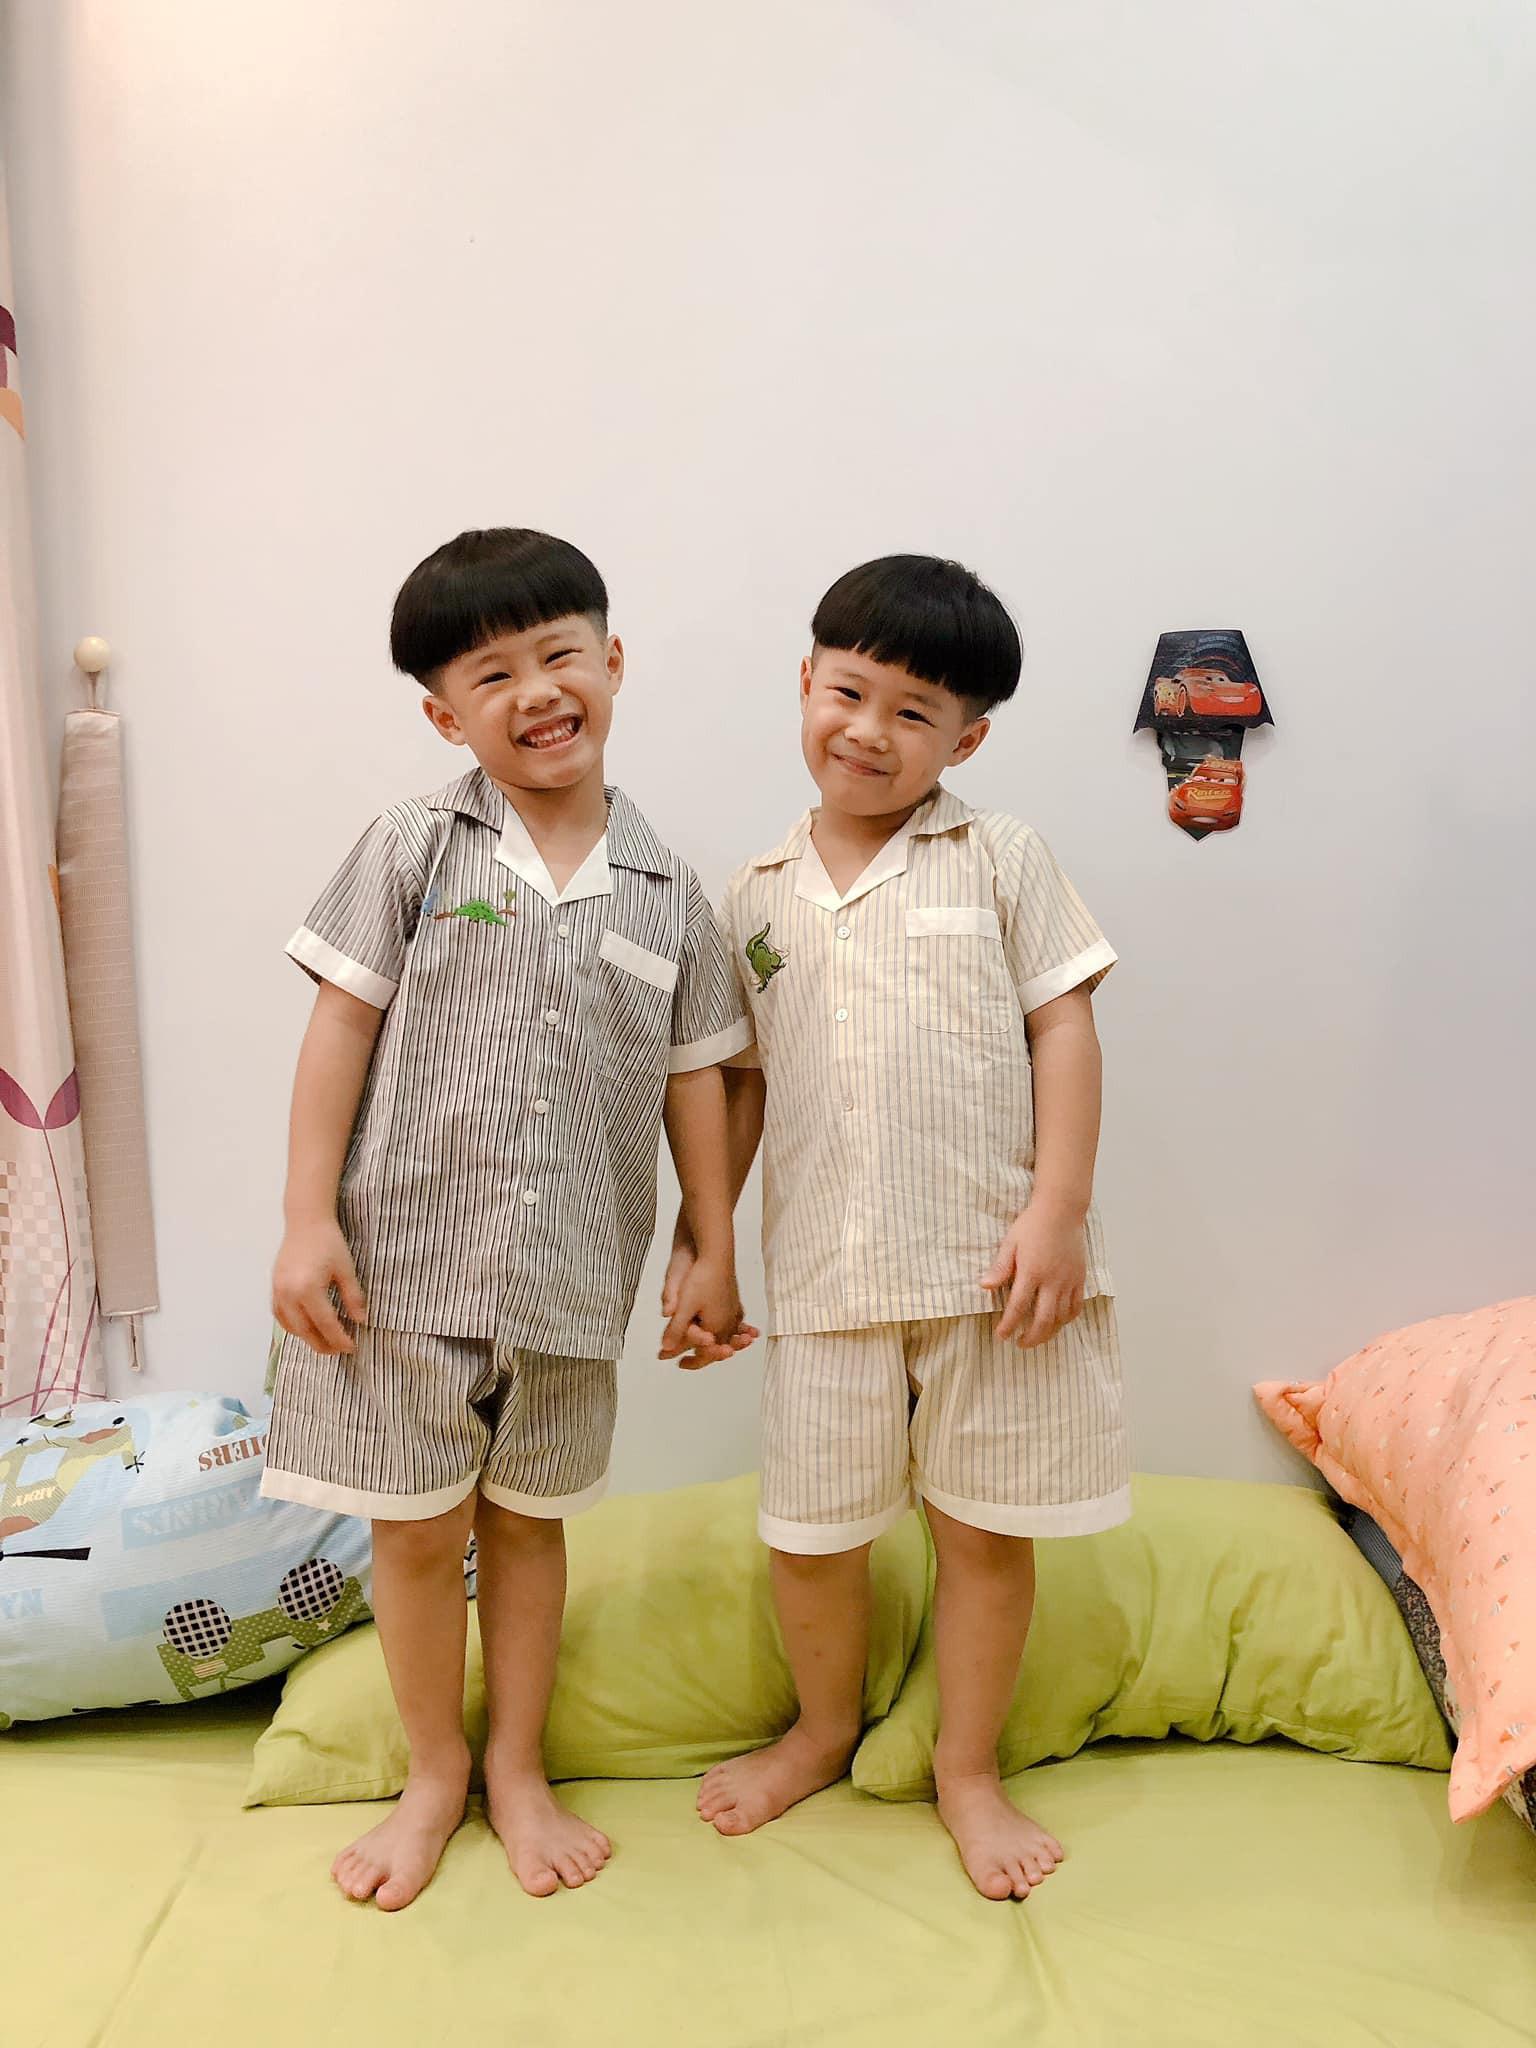 Sau khi làm lành với chồng sắp cưới, MC Hoàng Linh lại bất ngờ chia sẻ cảm giác rất lẻ loi-3